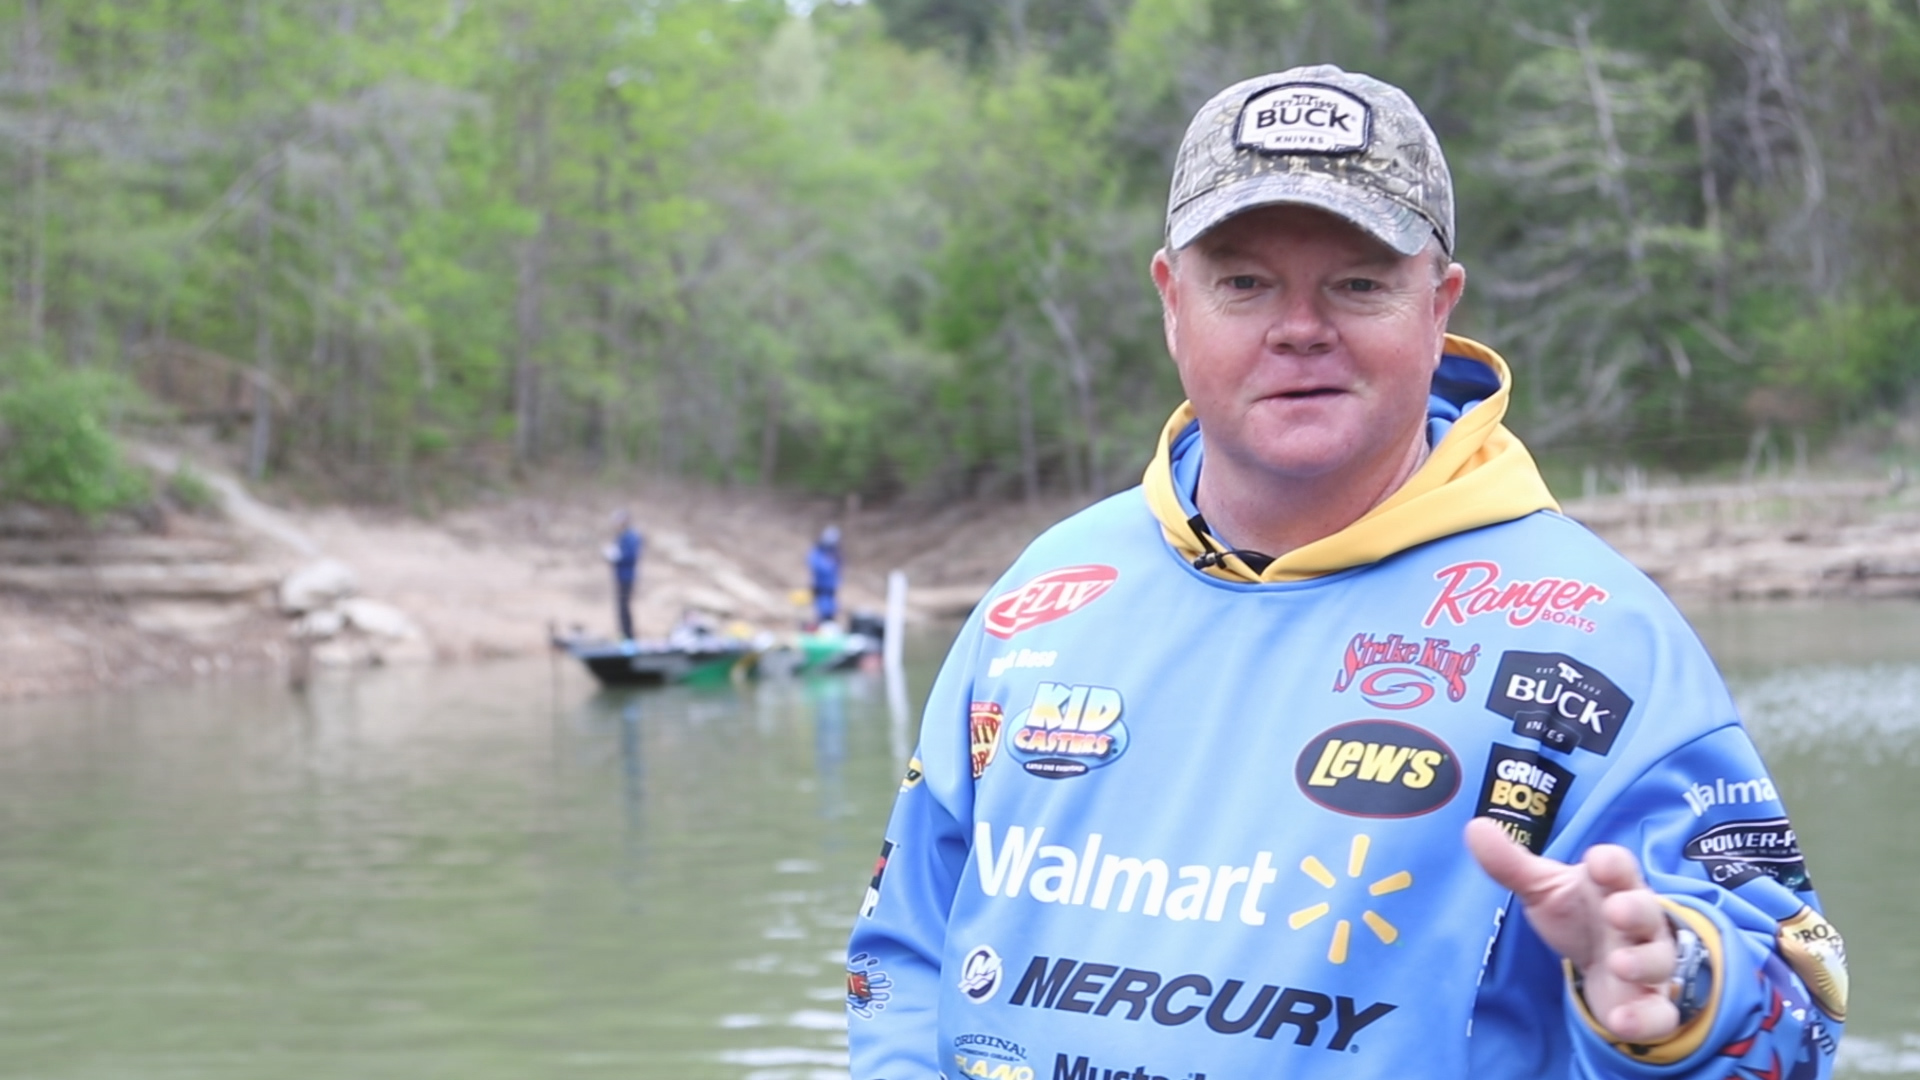 Matt Arey Looking for his Third Win